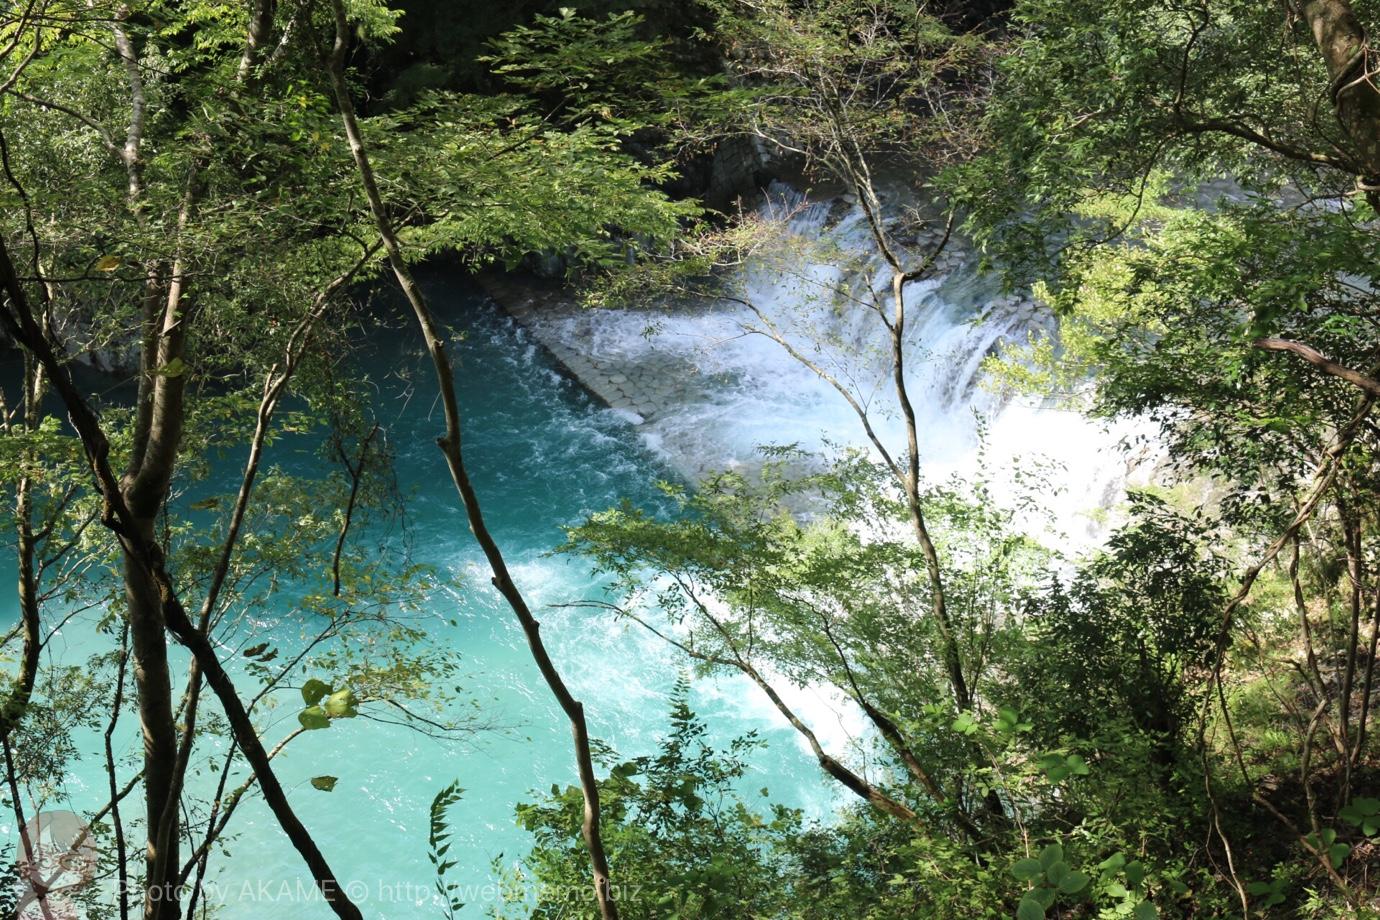 神奈川の秘境「ユーシン渓谷」はハイキング初心者も楽しい!ライト必須の真っ暗トンネルも